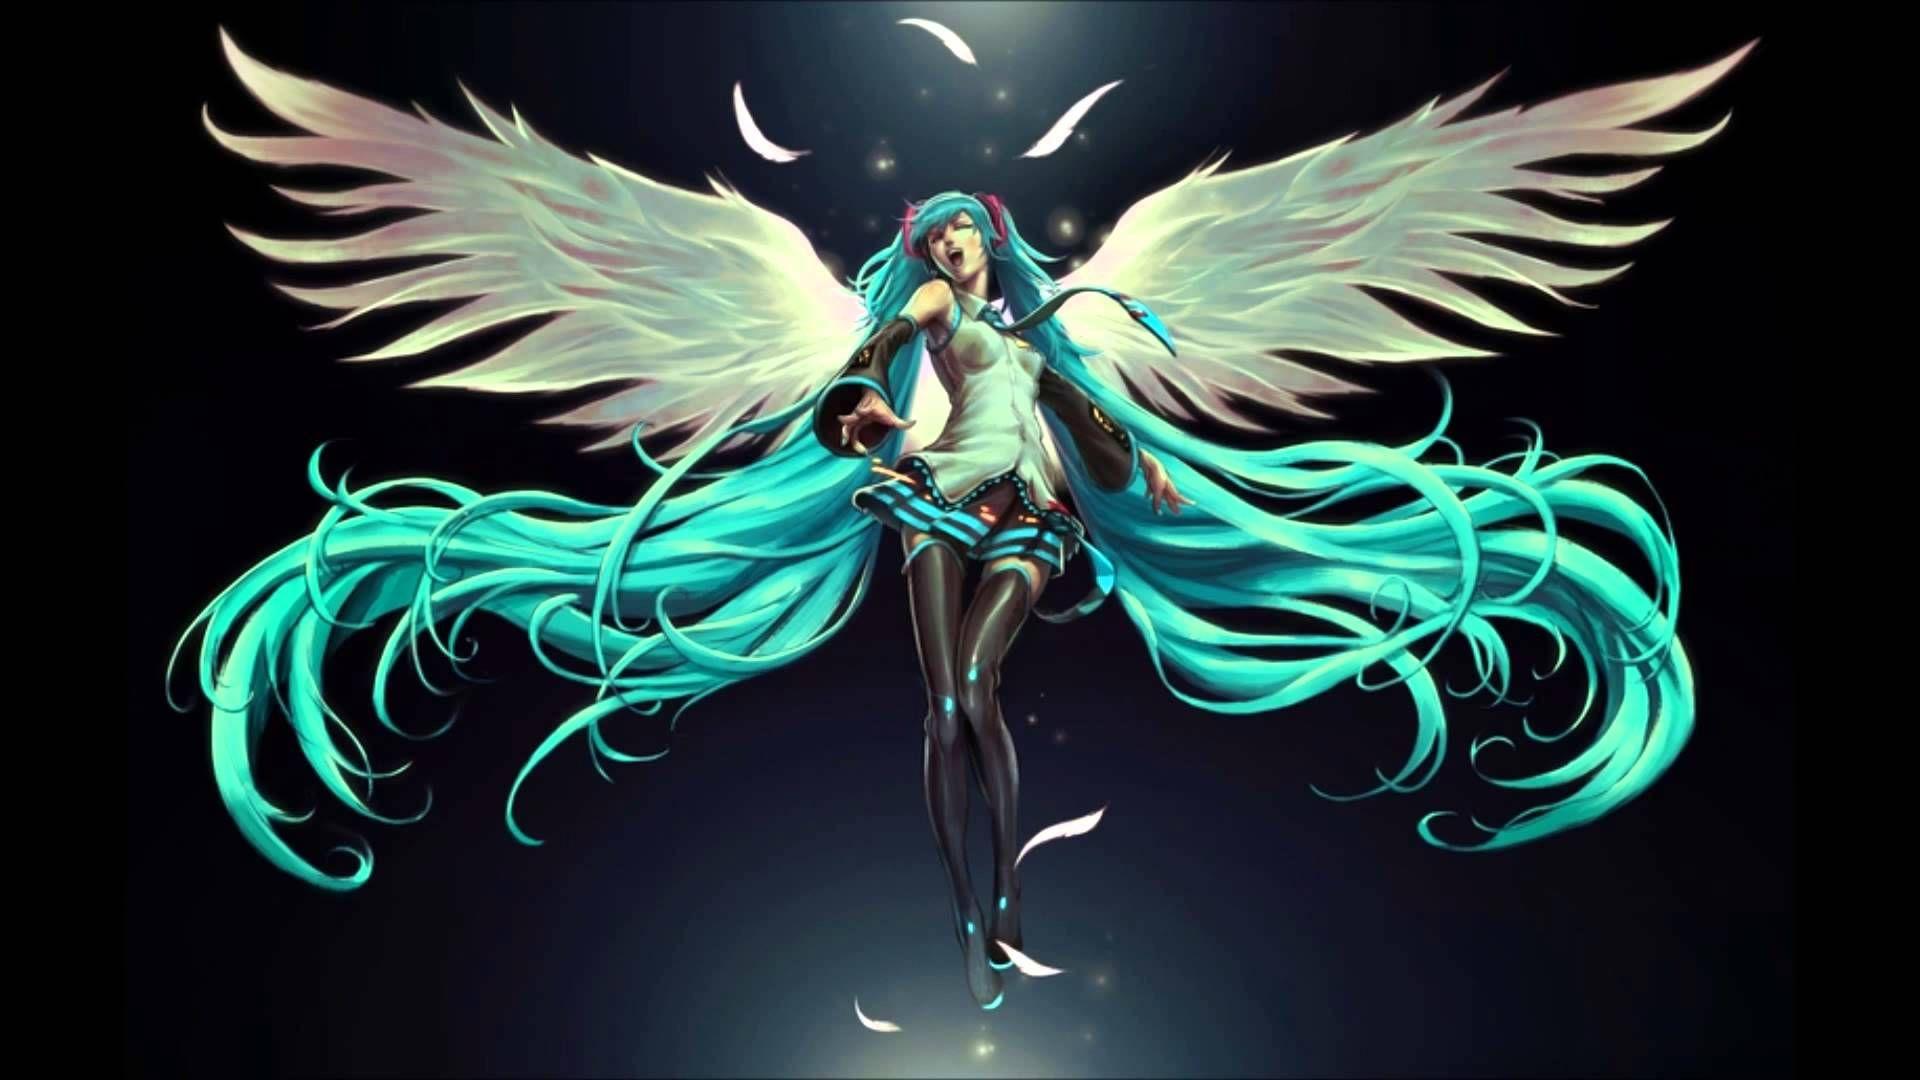 Nightcore] DJ Sammy Fly On The Wings Of Love (HD